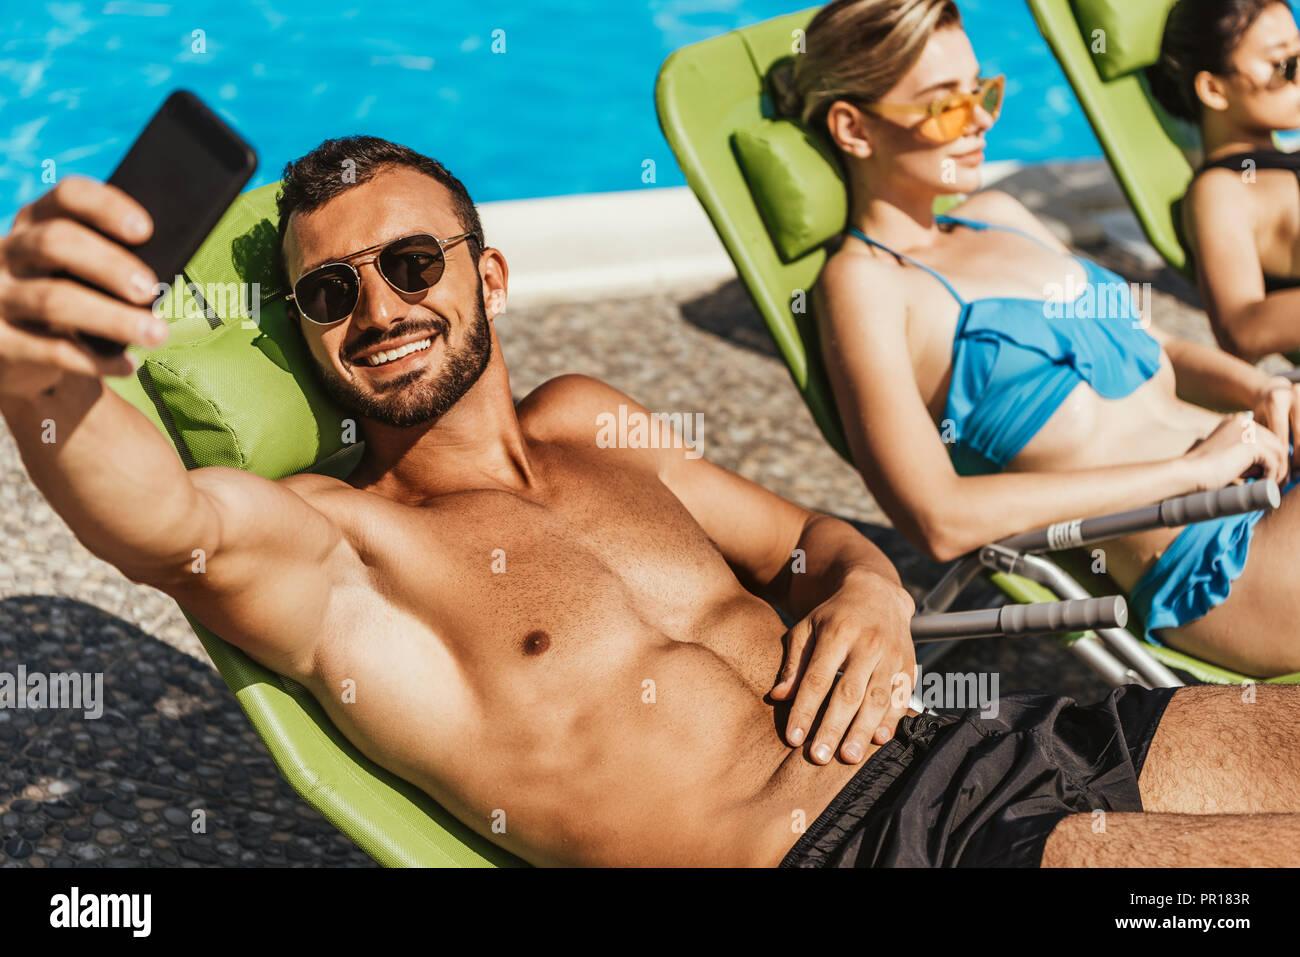 Mann unter selfie mit Mädchen beim Sonnenbaden auf Sonnenliegen am Pool Stockbild